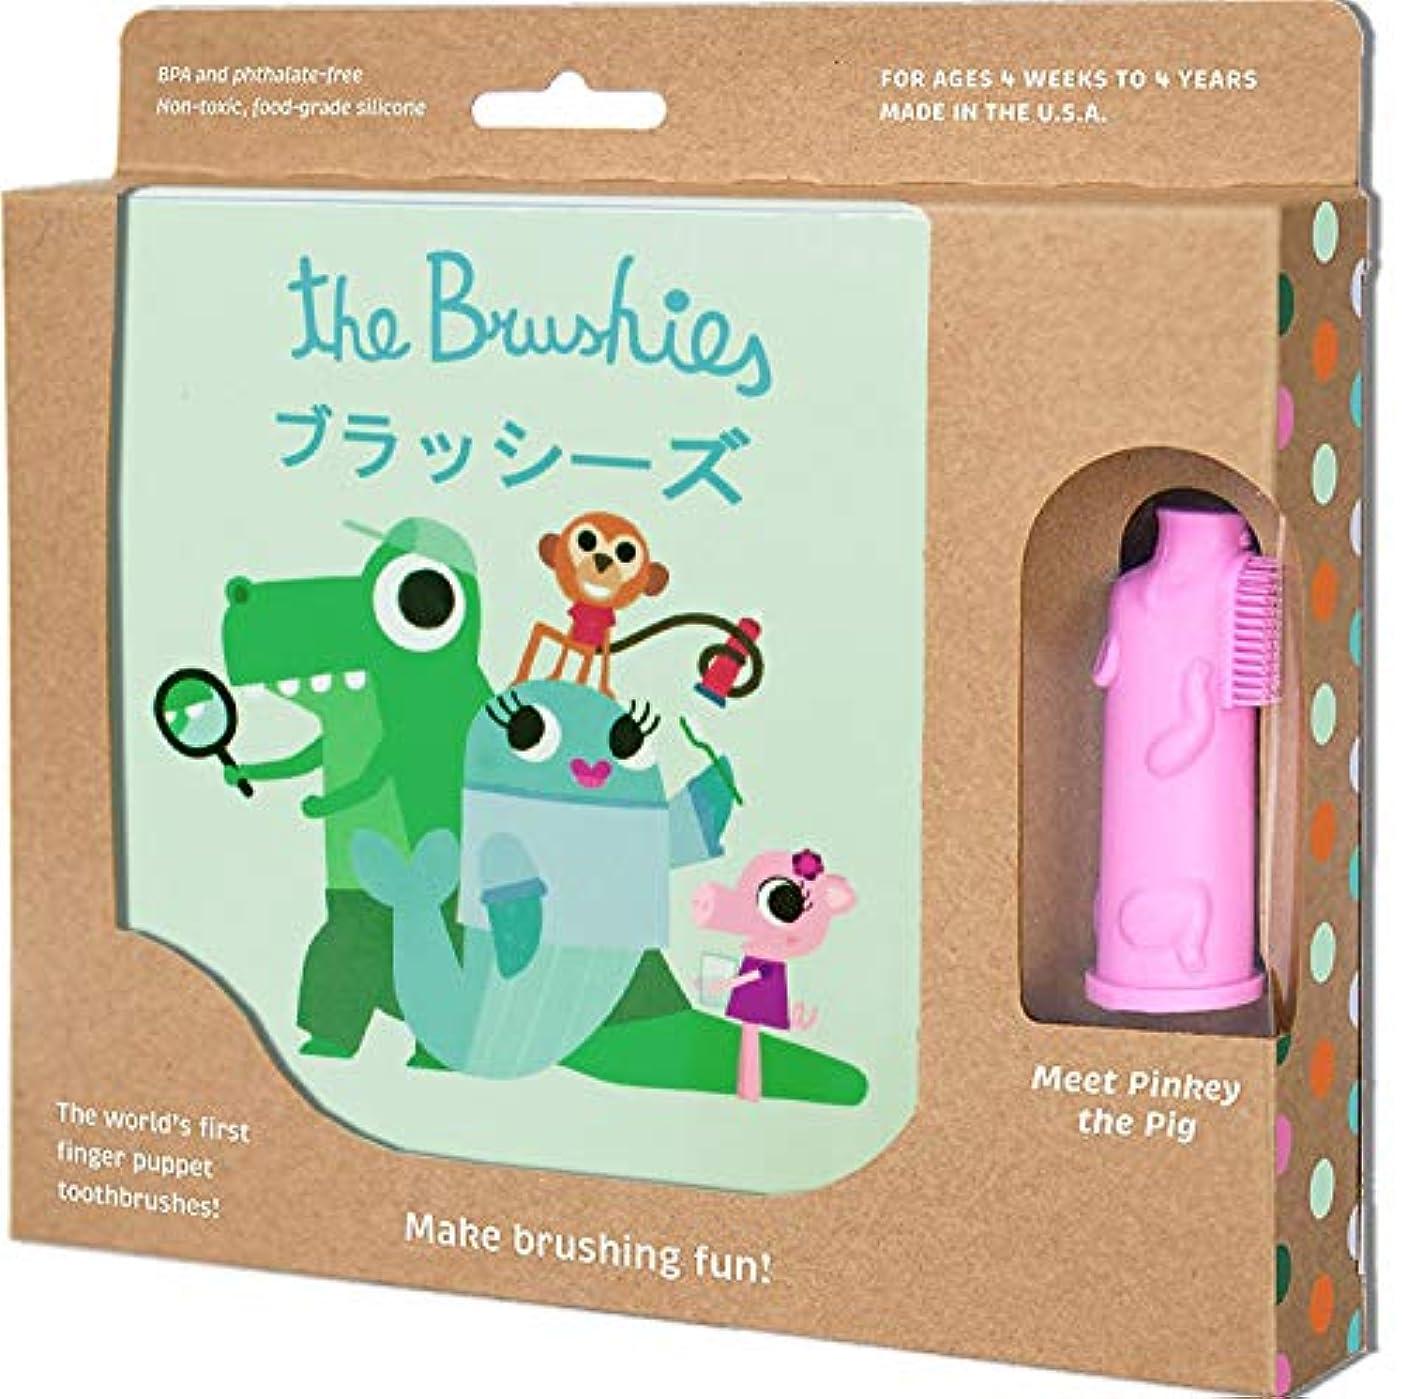 もっともらしい地図オレンジティーレックス The Brushies はみがきってたのしいな 絵本付き歯ブラシ ブラッシーズ